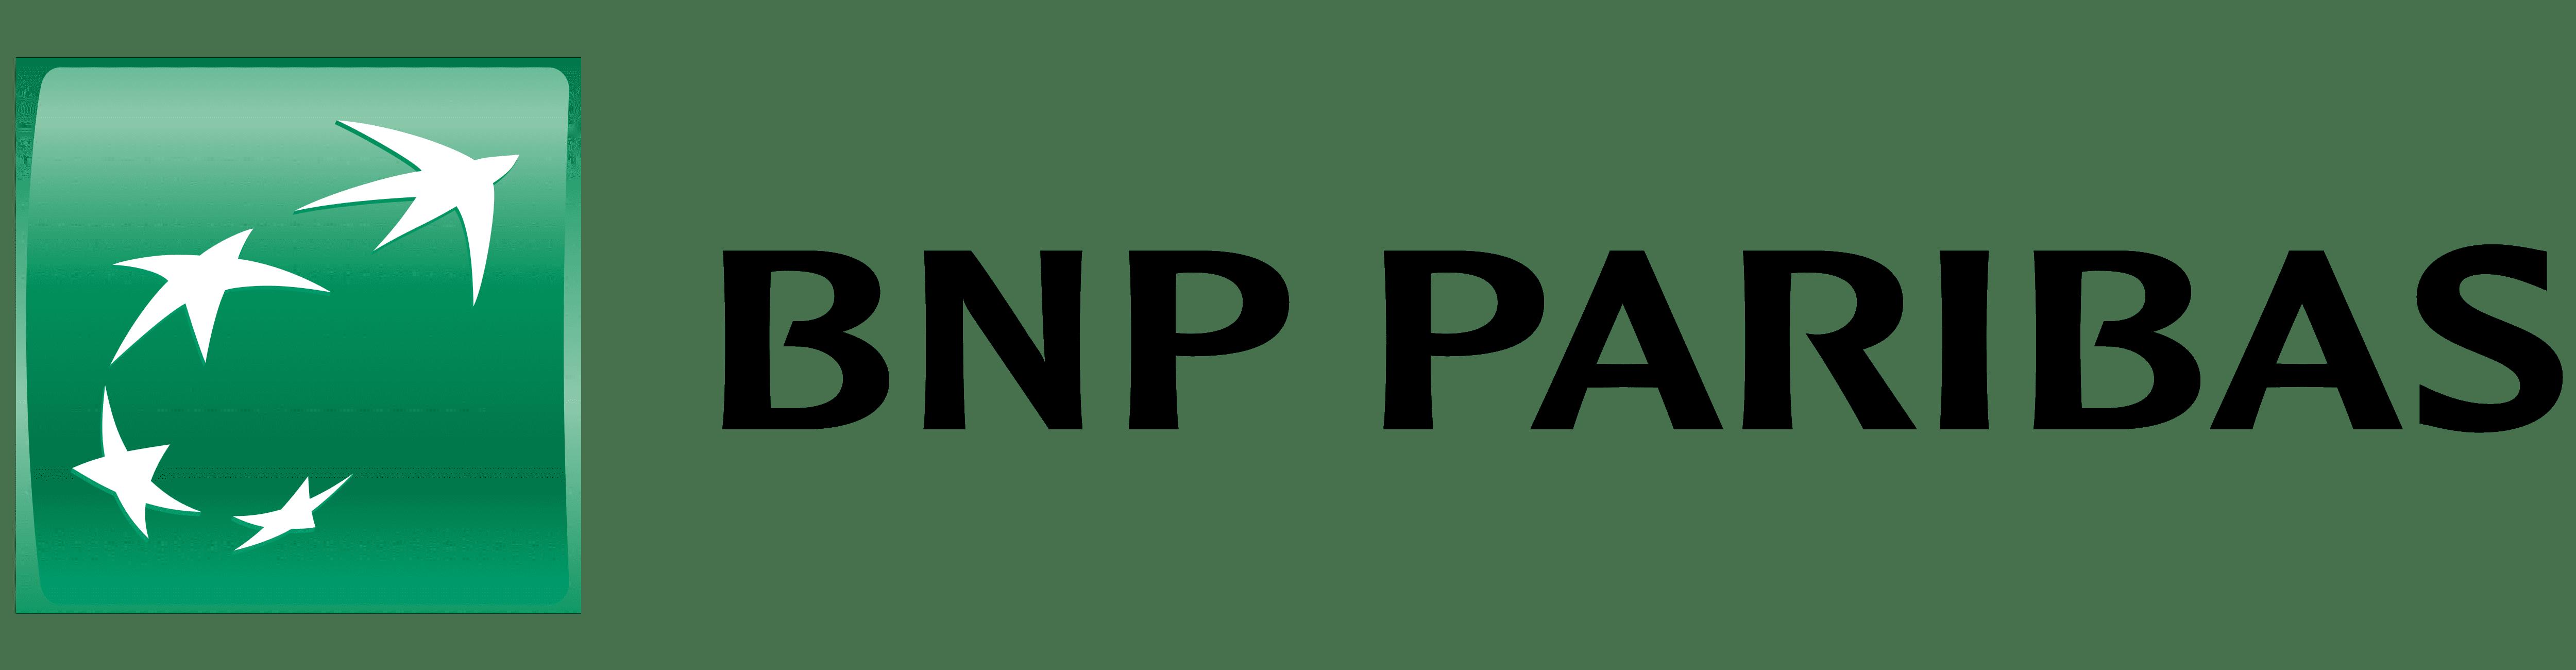 BNP Paribas logo - Marques et logos: histoire et signification | PNG